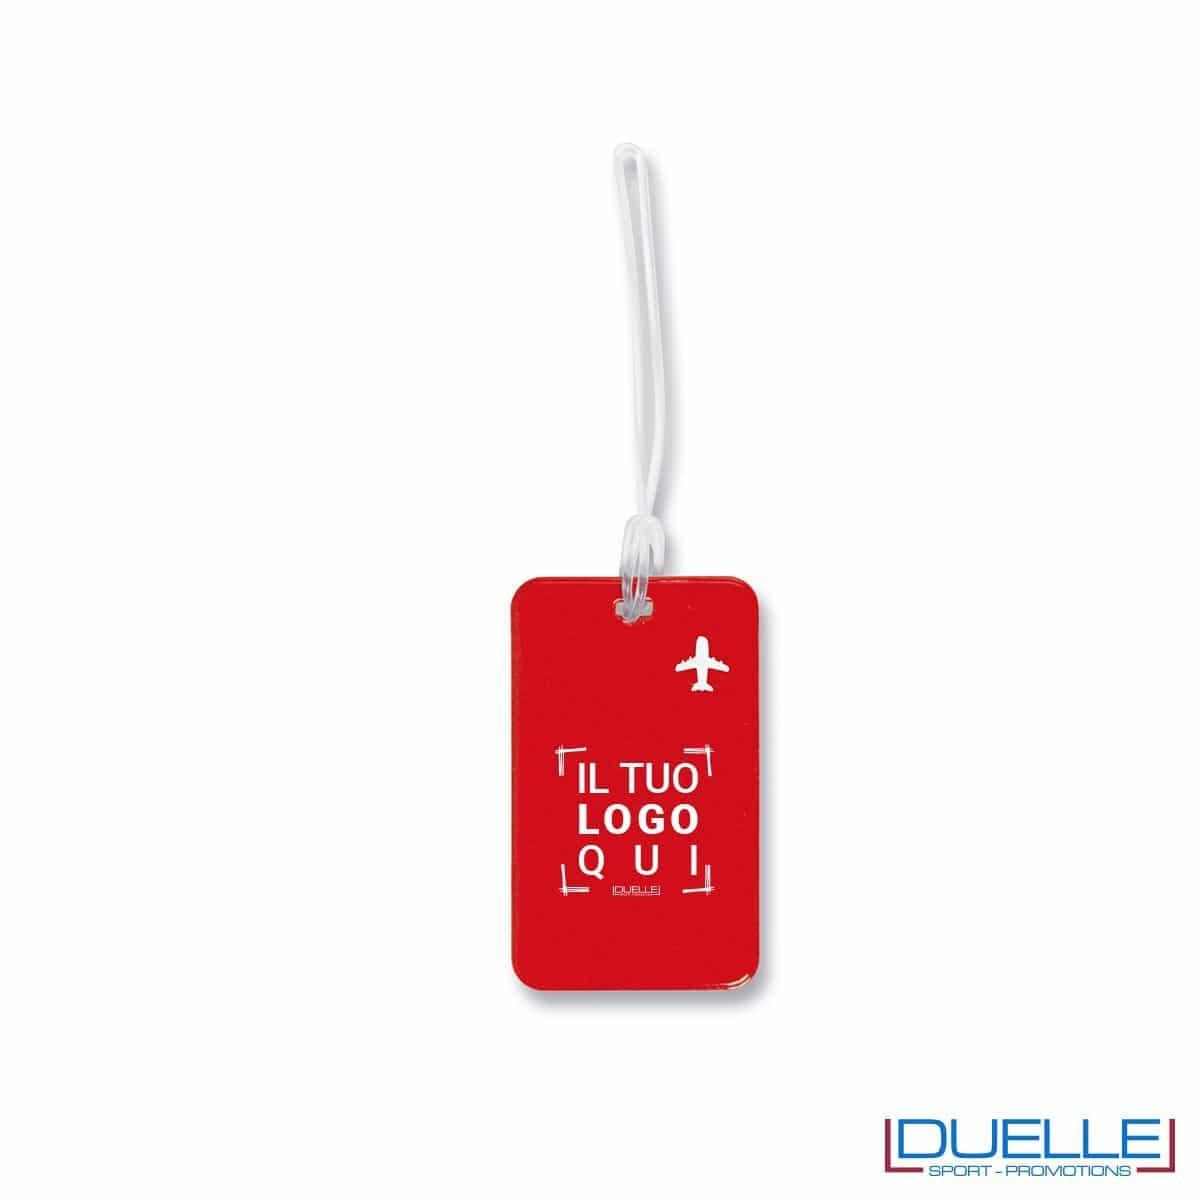 targhetta identificativa personalizzata colore rosso, gadget promozionale viaggi